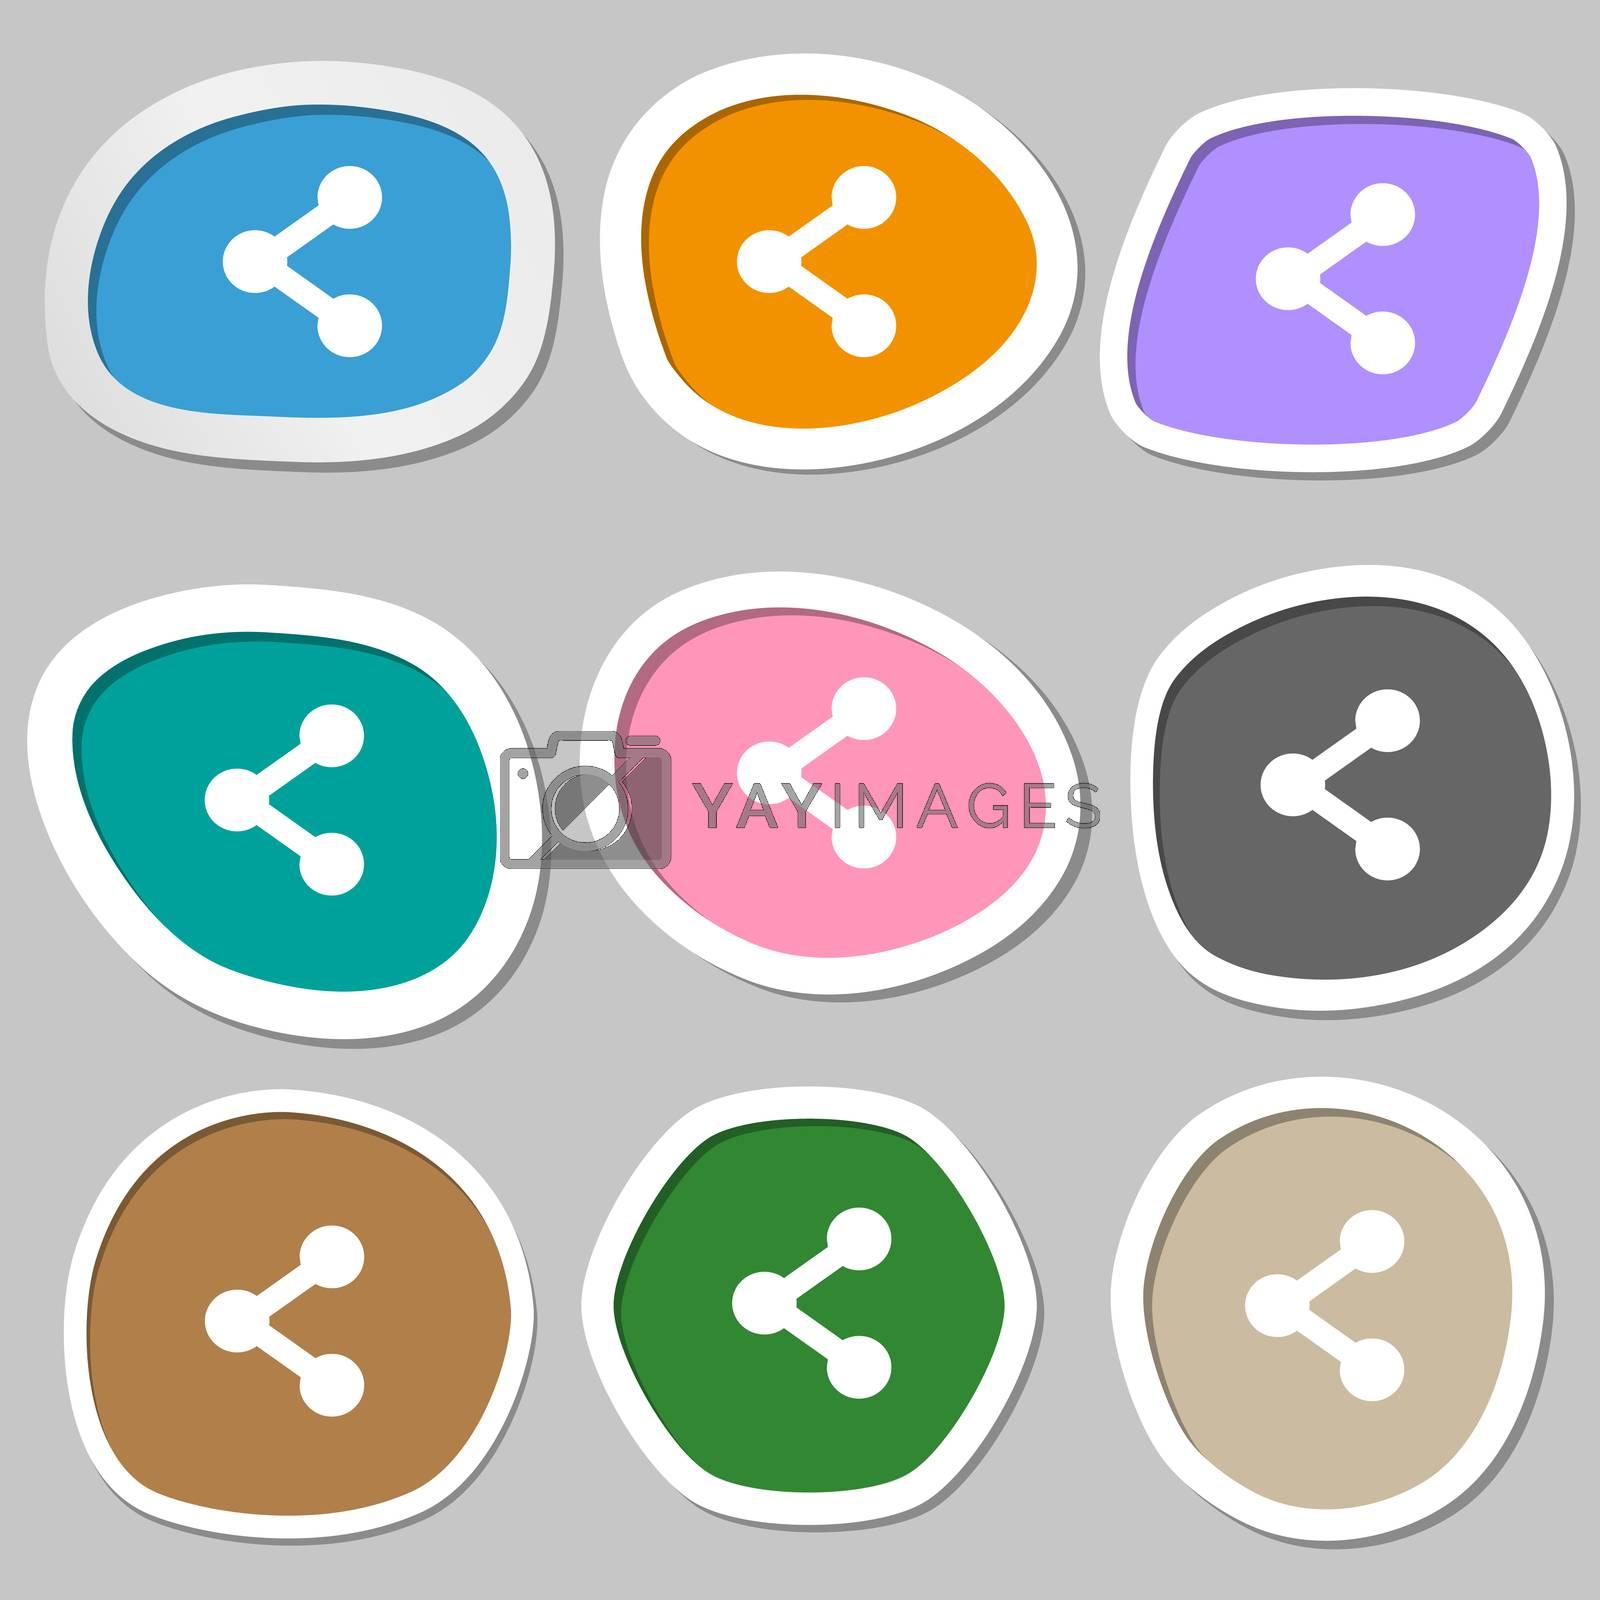 Share icon symbols. Multicolored paper stickers. illustration